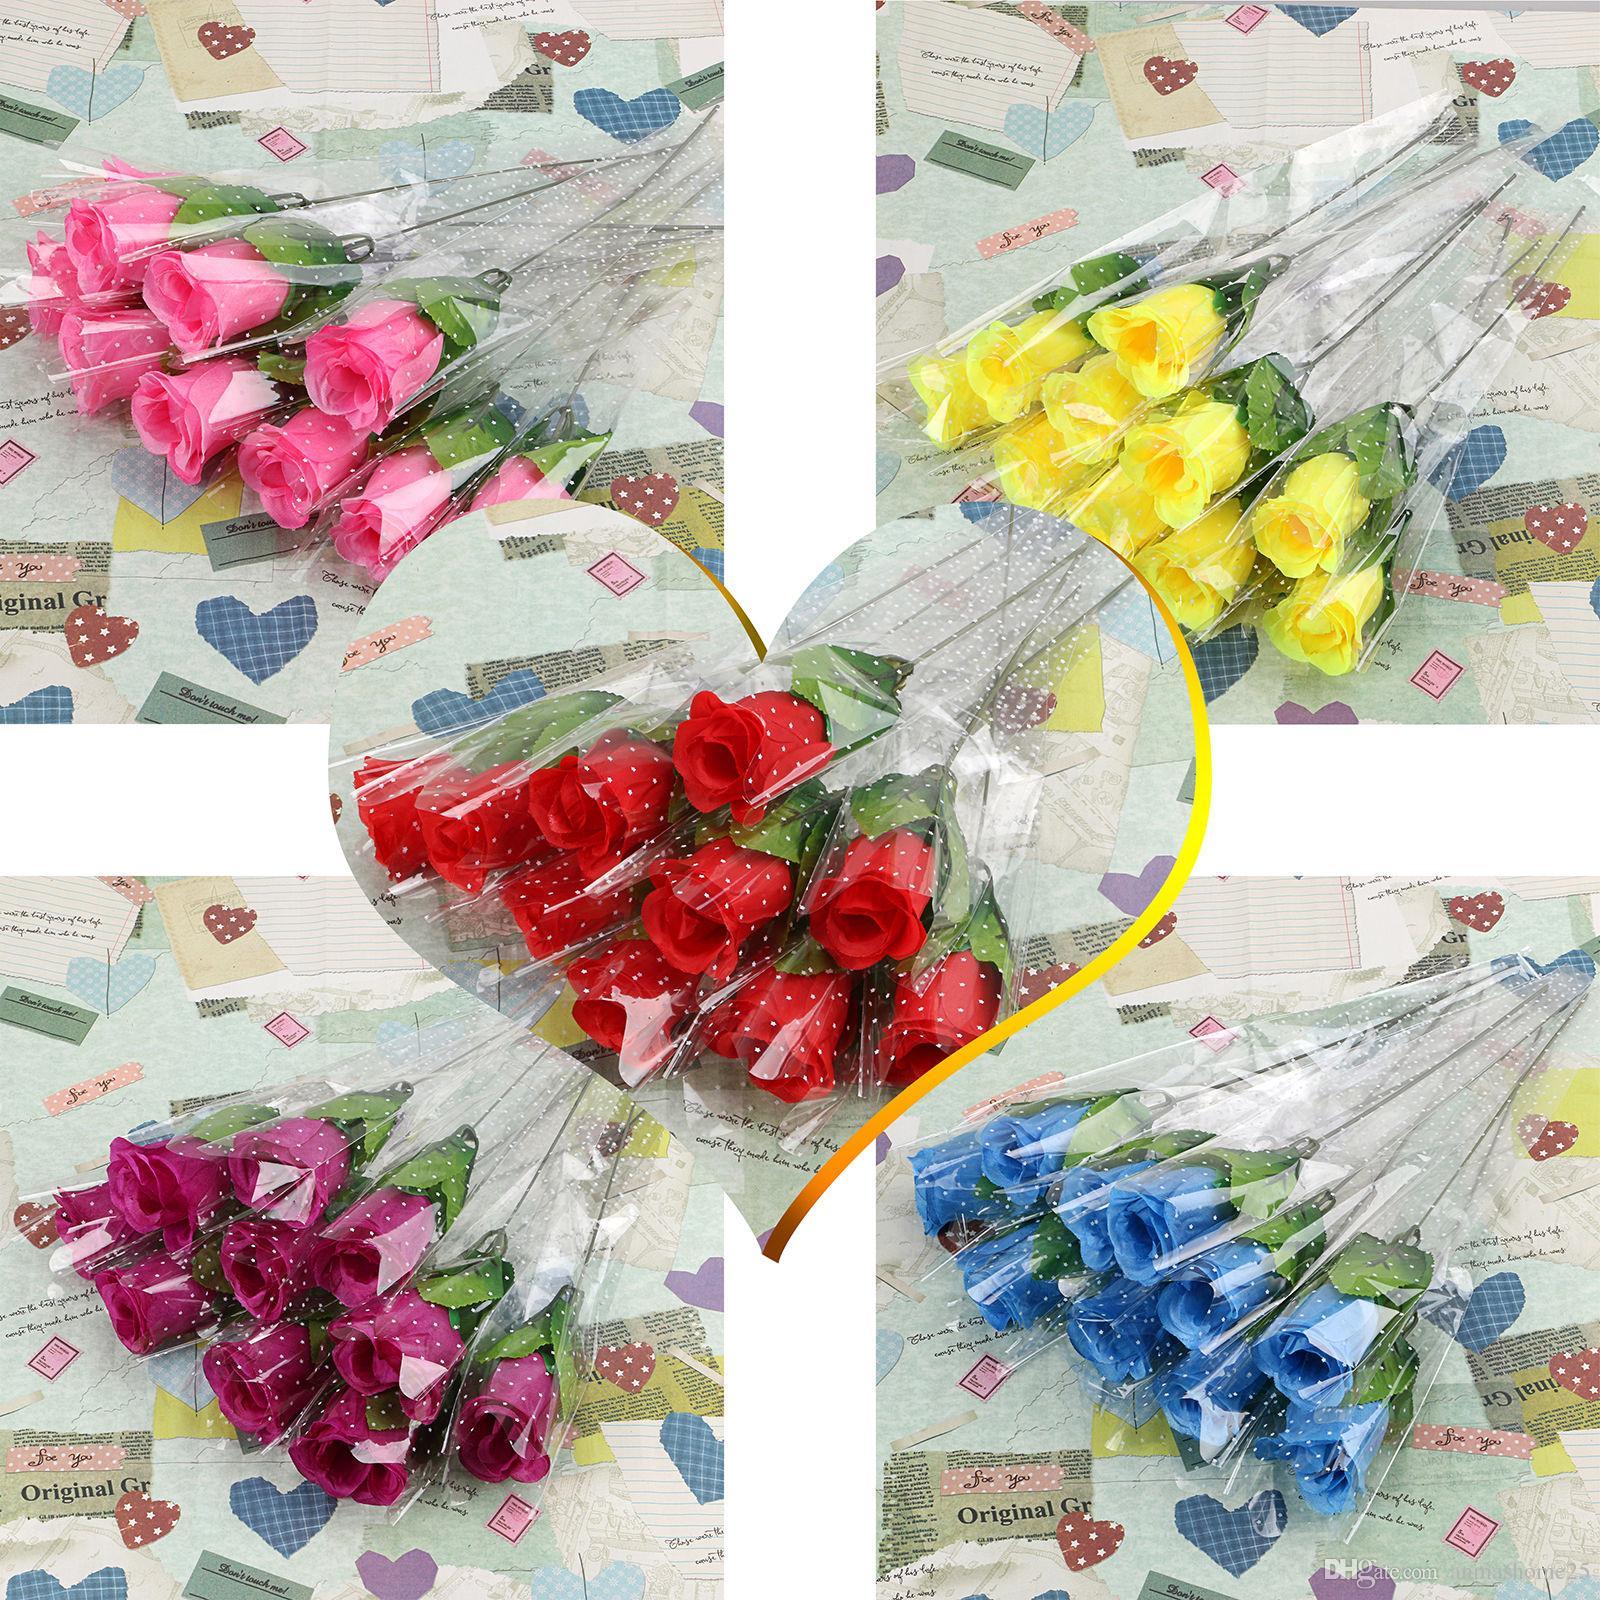 10 PCS um conjunto mais baixo preço! Único Stem Artificial Rose Silk Flowers Home Decor Flor Arrangment